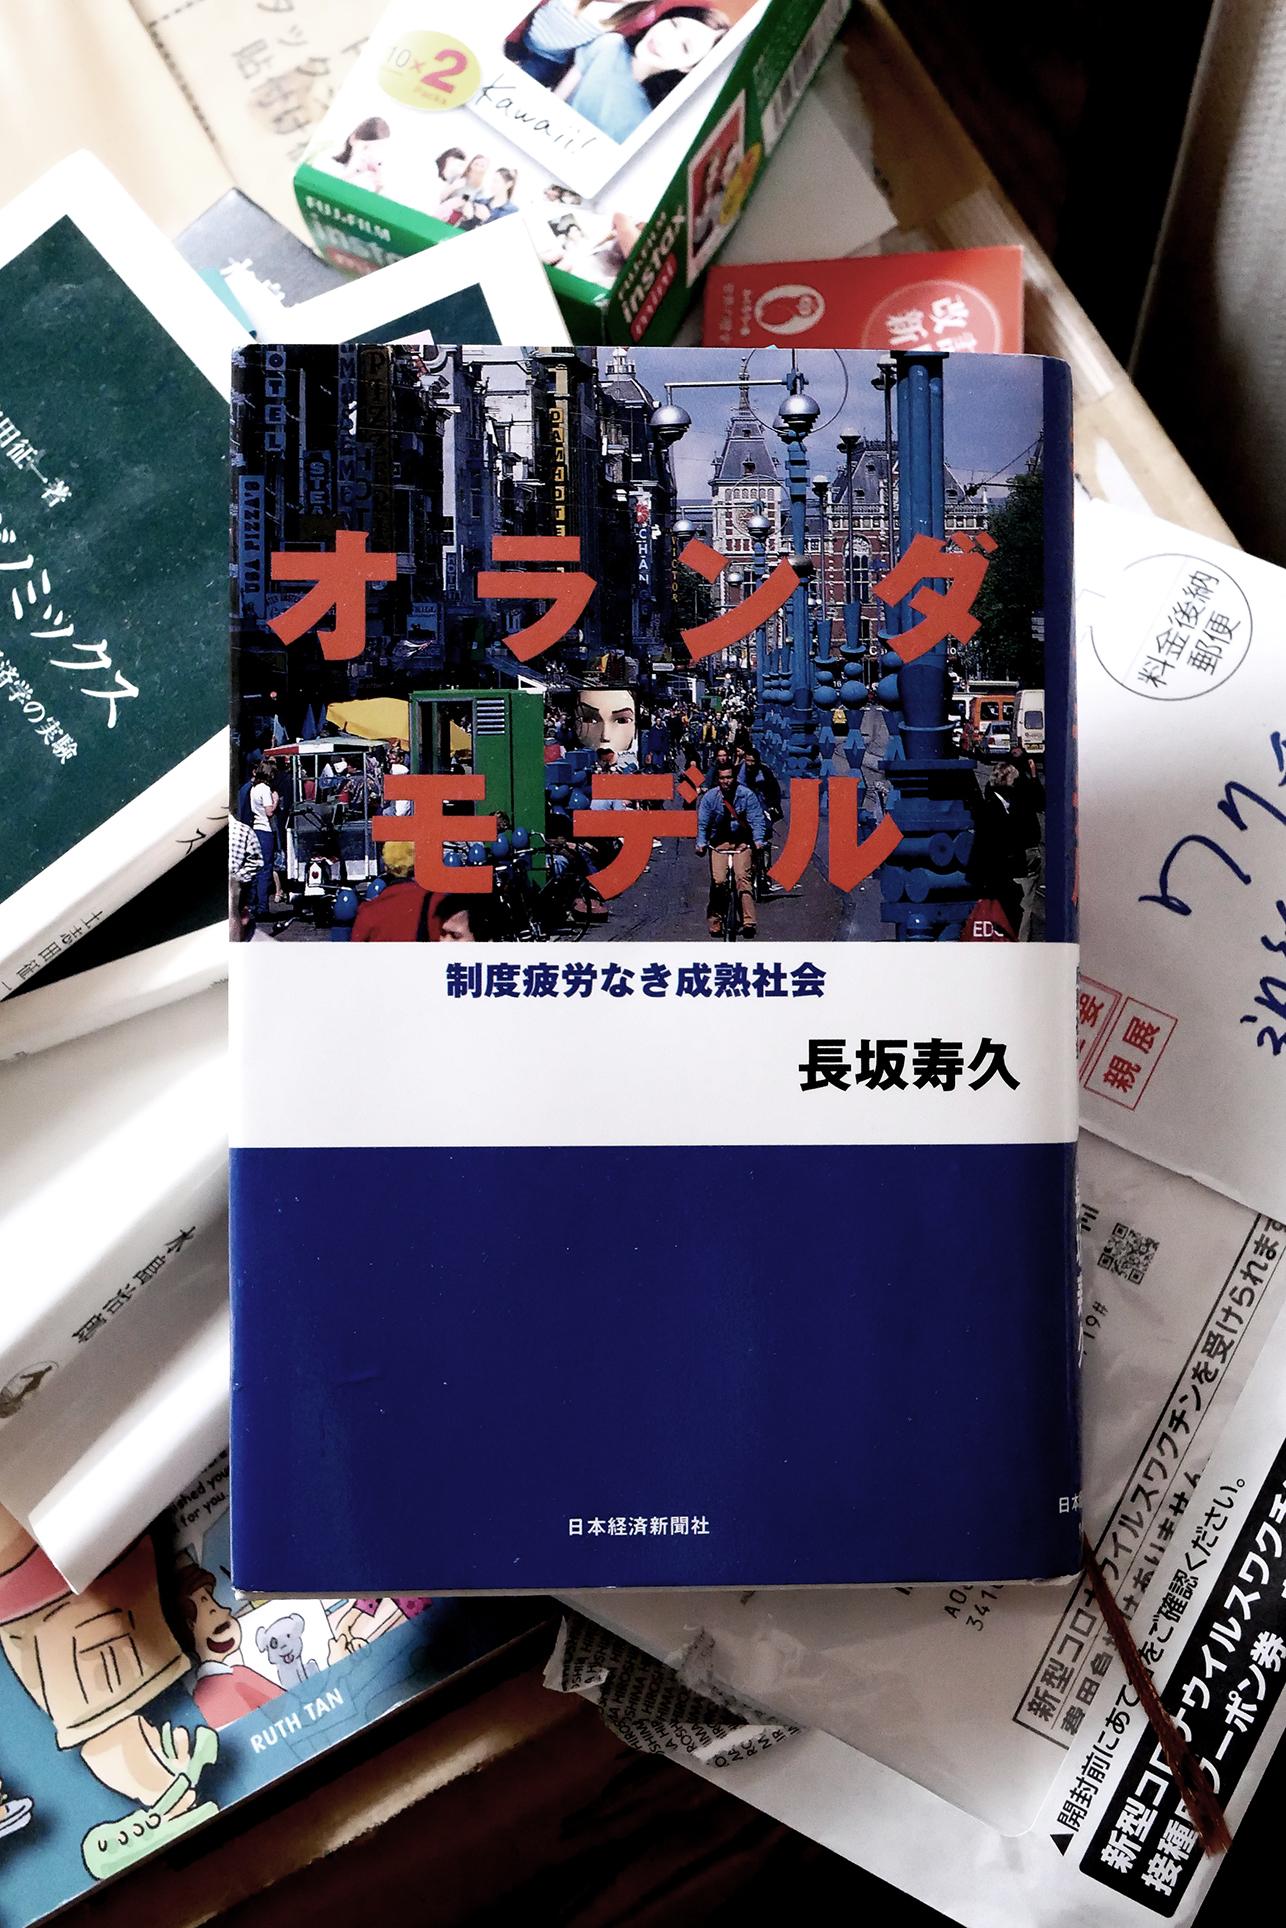 書籍オランダモデル―制度疲労なき成熟社会(長坂 寿久/日本経済新聞出版)」の表紙画像